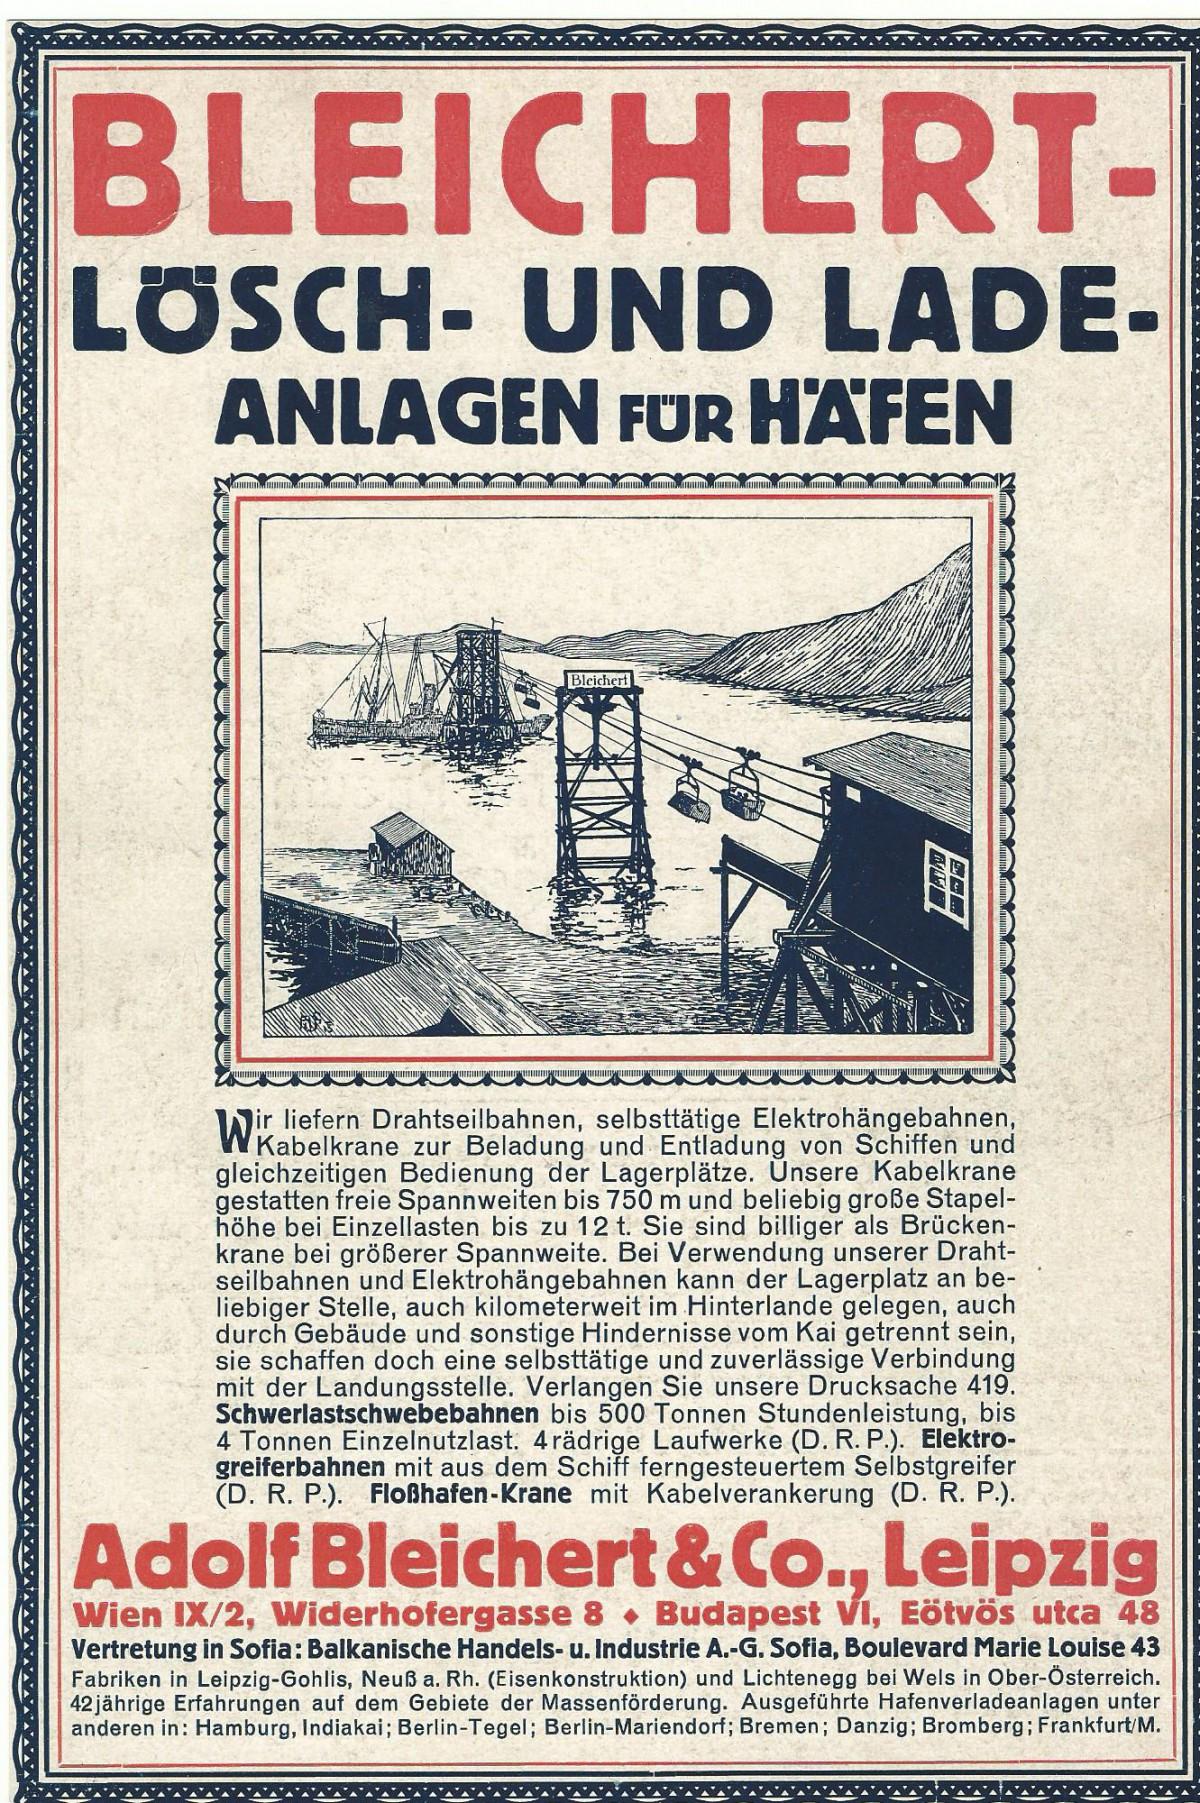 1916 Loesch- u.Ladeanlagen